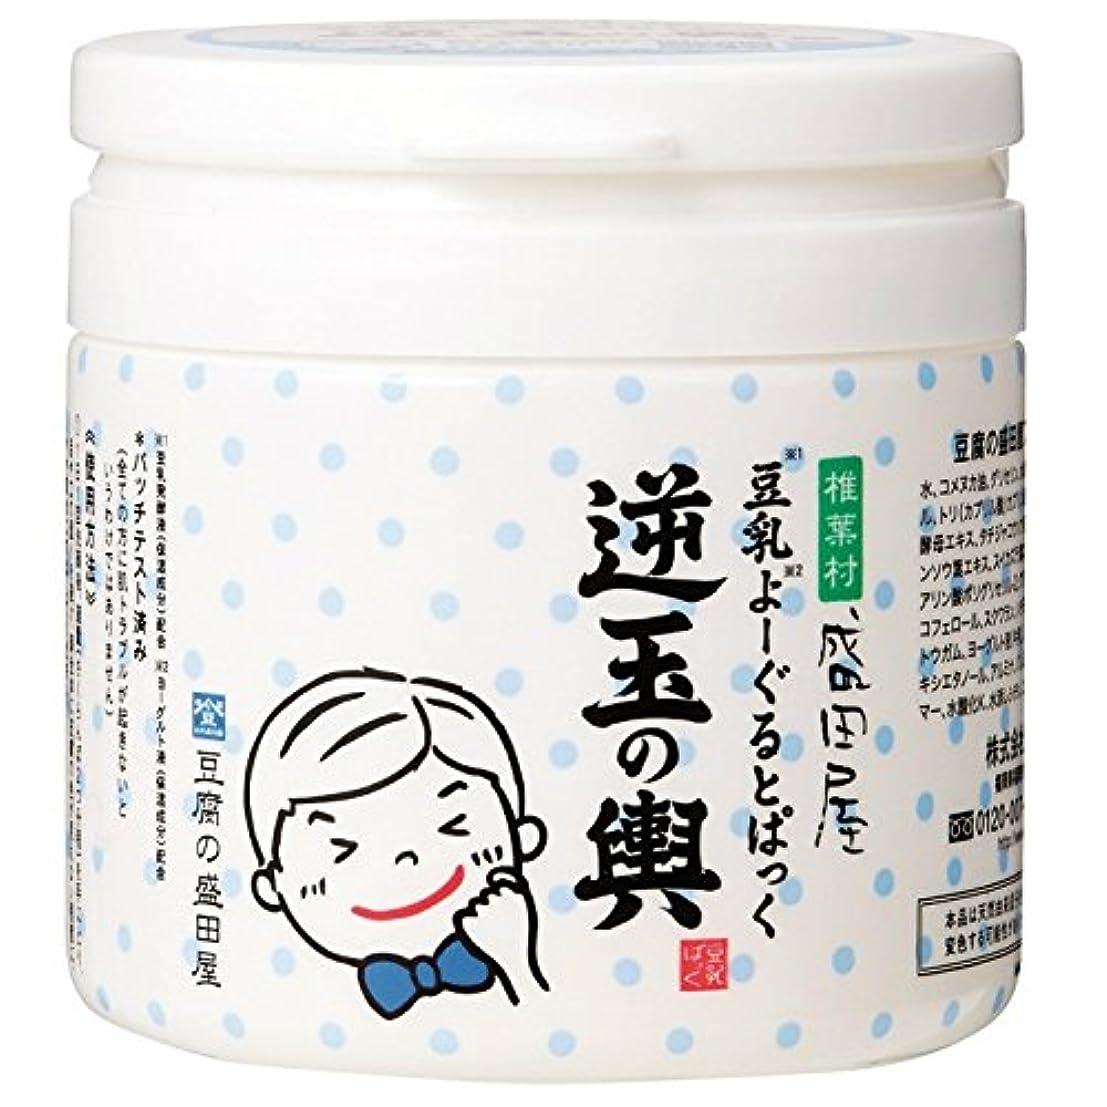 縁百年卑しい豆腐の盛田屋 豆乳よーぐるとぱっく 逆玉の輿 150g